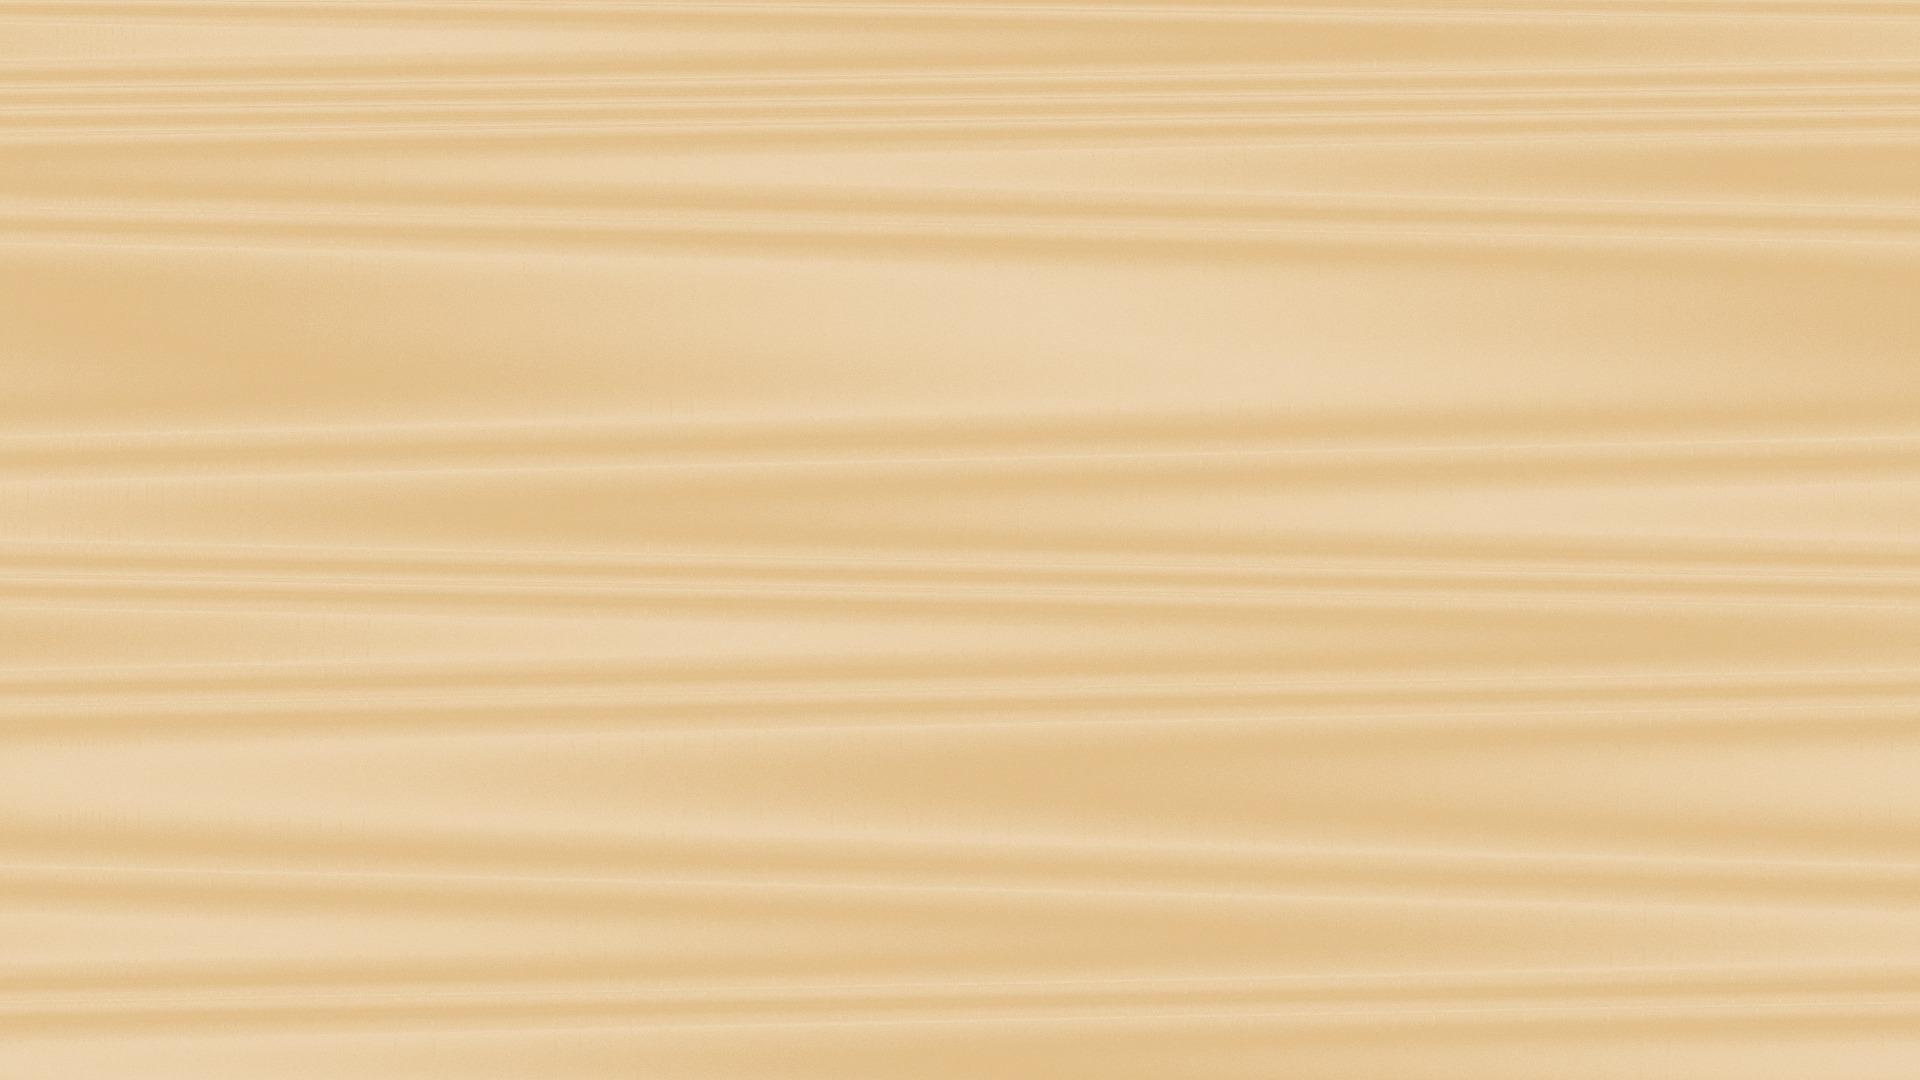 木目模様 壁紙背景画像_mokume1